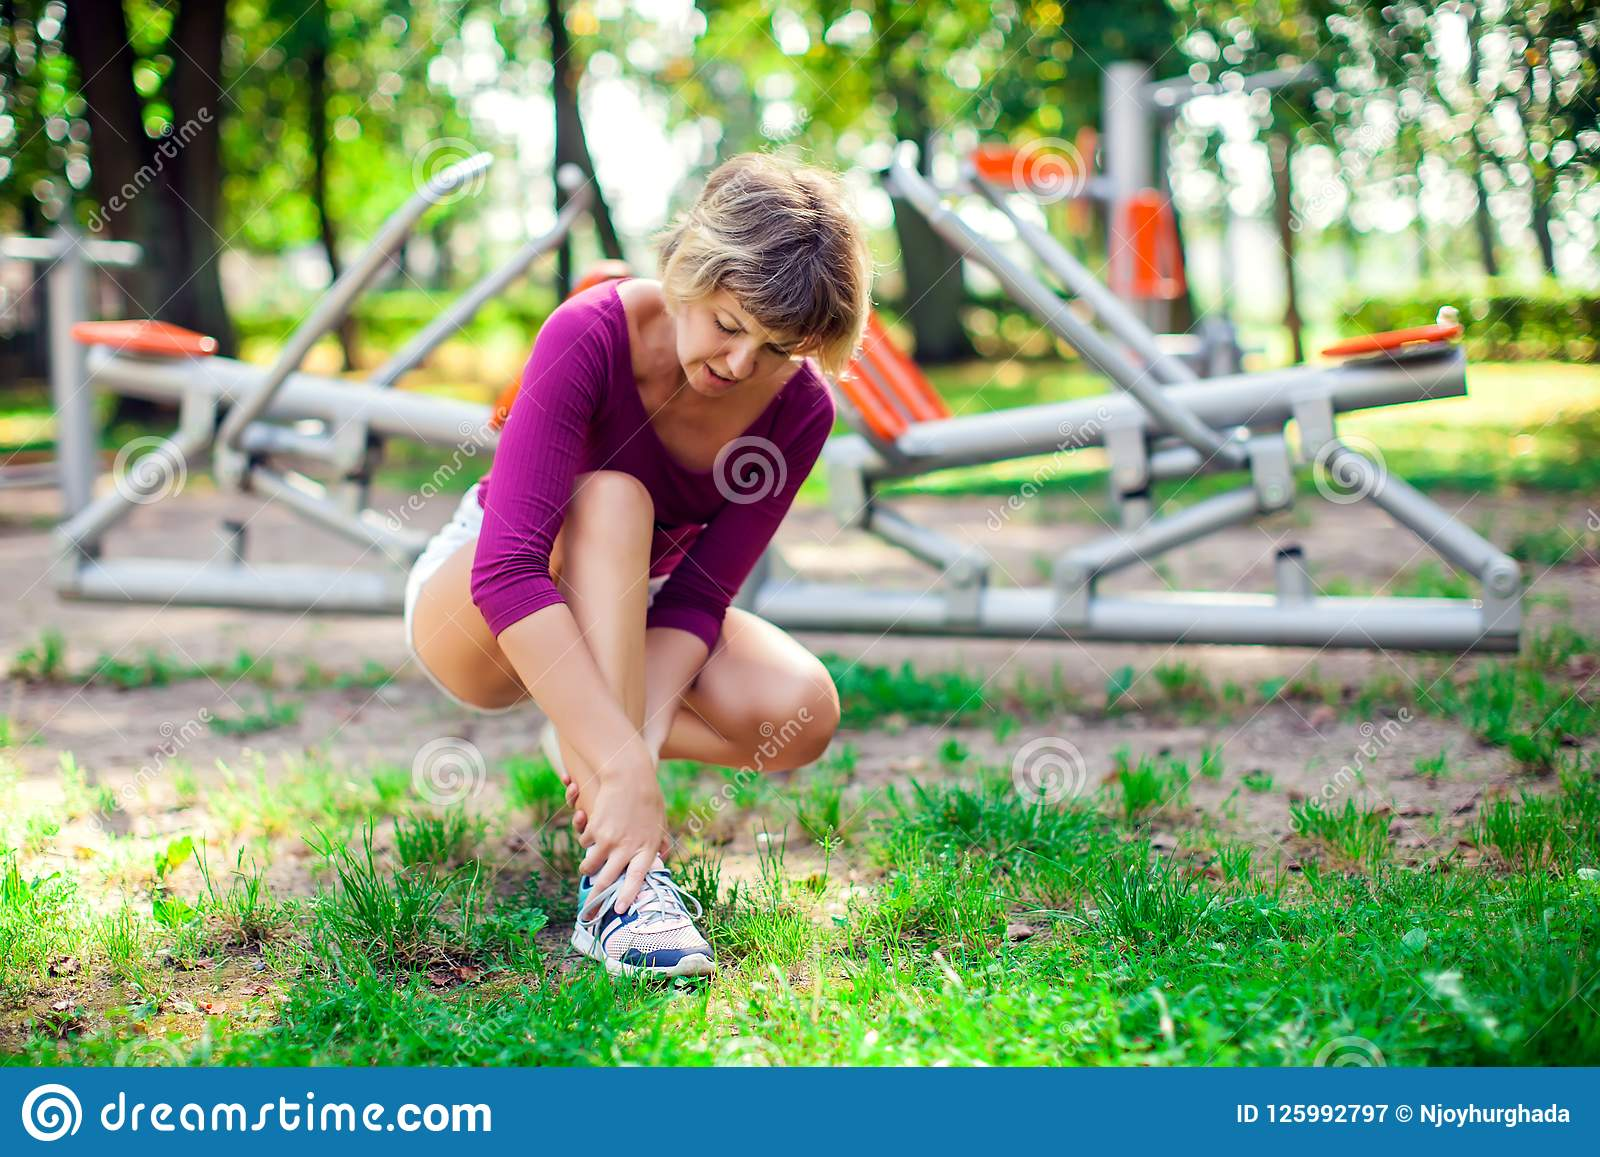 Боль чувства молодой женщины в ее ноге во время разминки спорта в